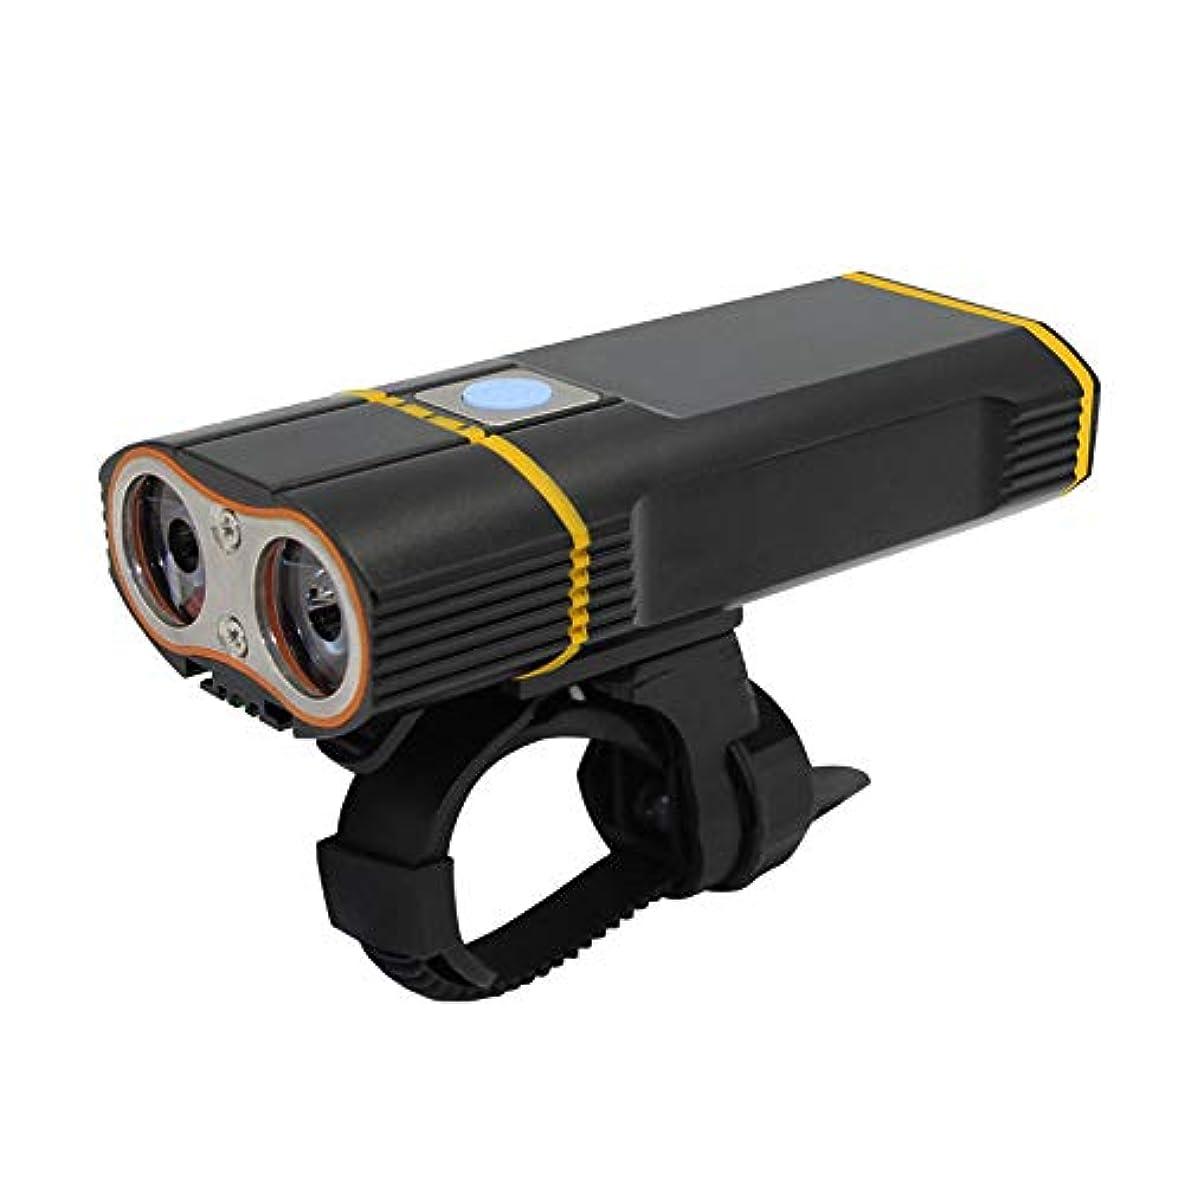 なす水銀の速記自転車用フロントライトUSB充電式LED自転車ライト、クリー族XML-L2自転車ライト、防水安全ロードバイクライト、2000ルーメン自転車サイクリングMTBマウンテンライトサイクリング懐中電灯